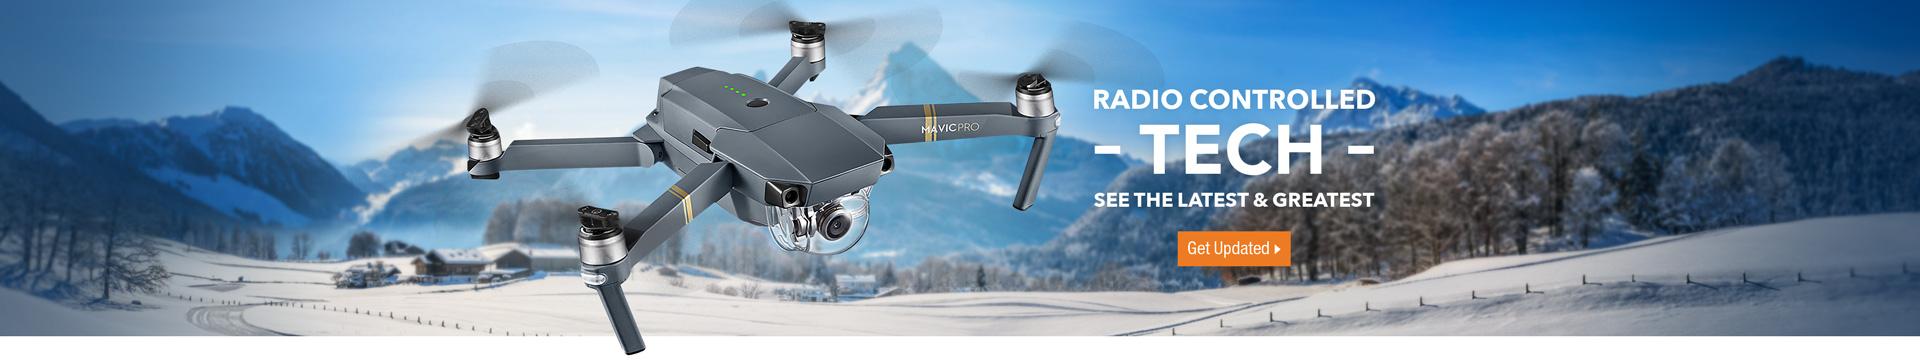 Drone Accessories - Newegg com